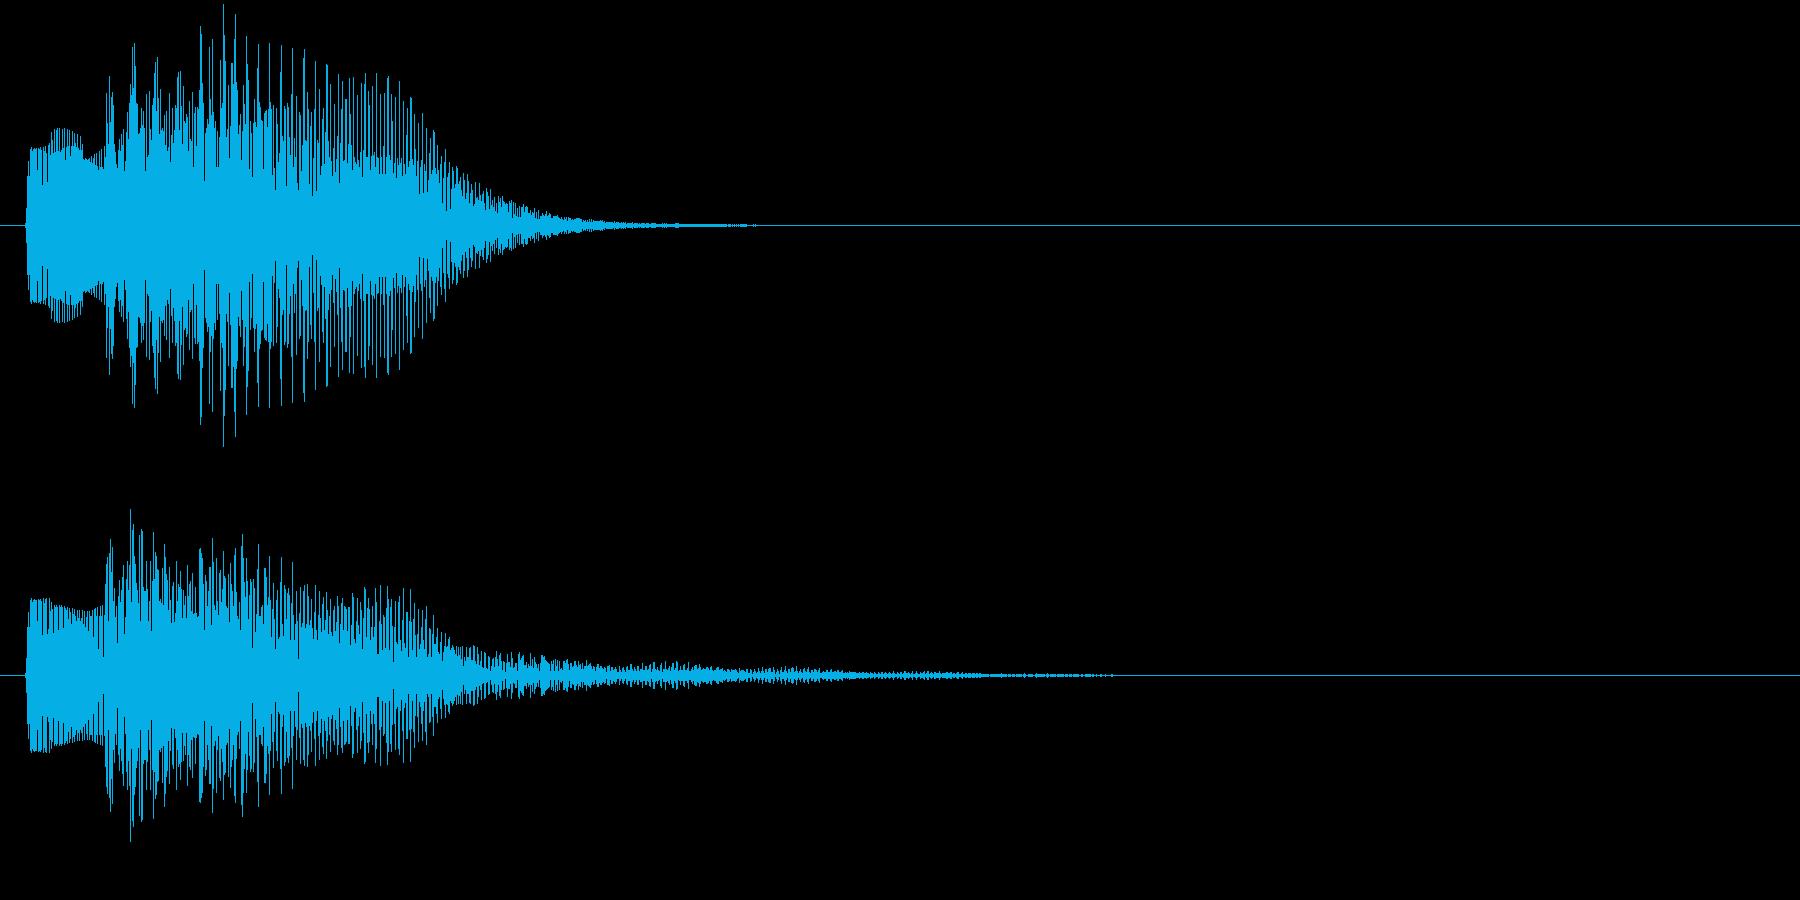 ピララン(キャンセル音)の再生済みの波形